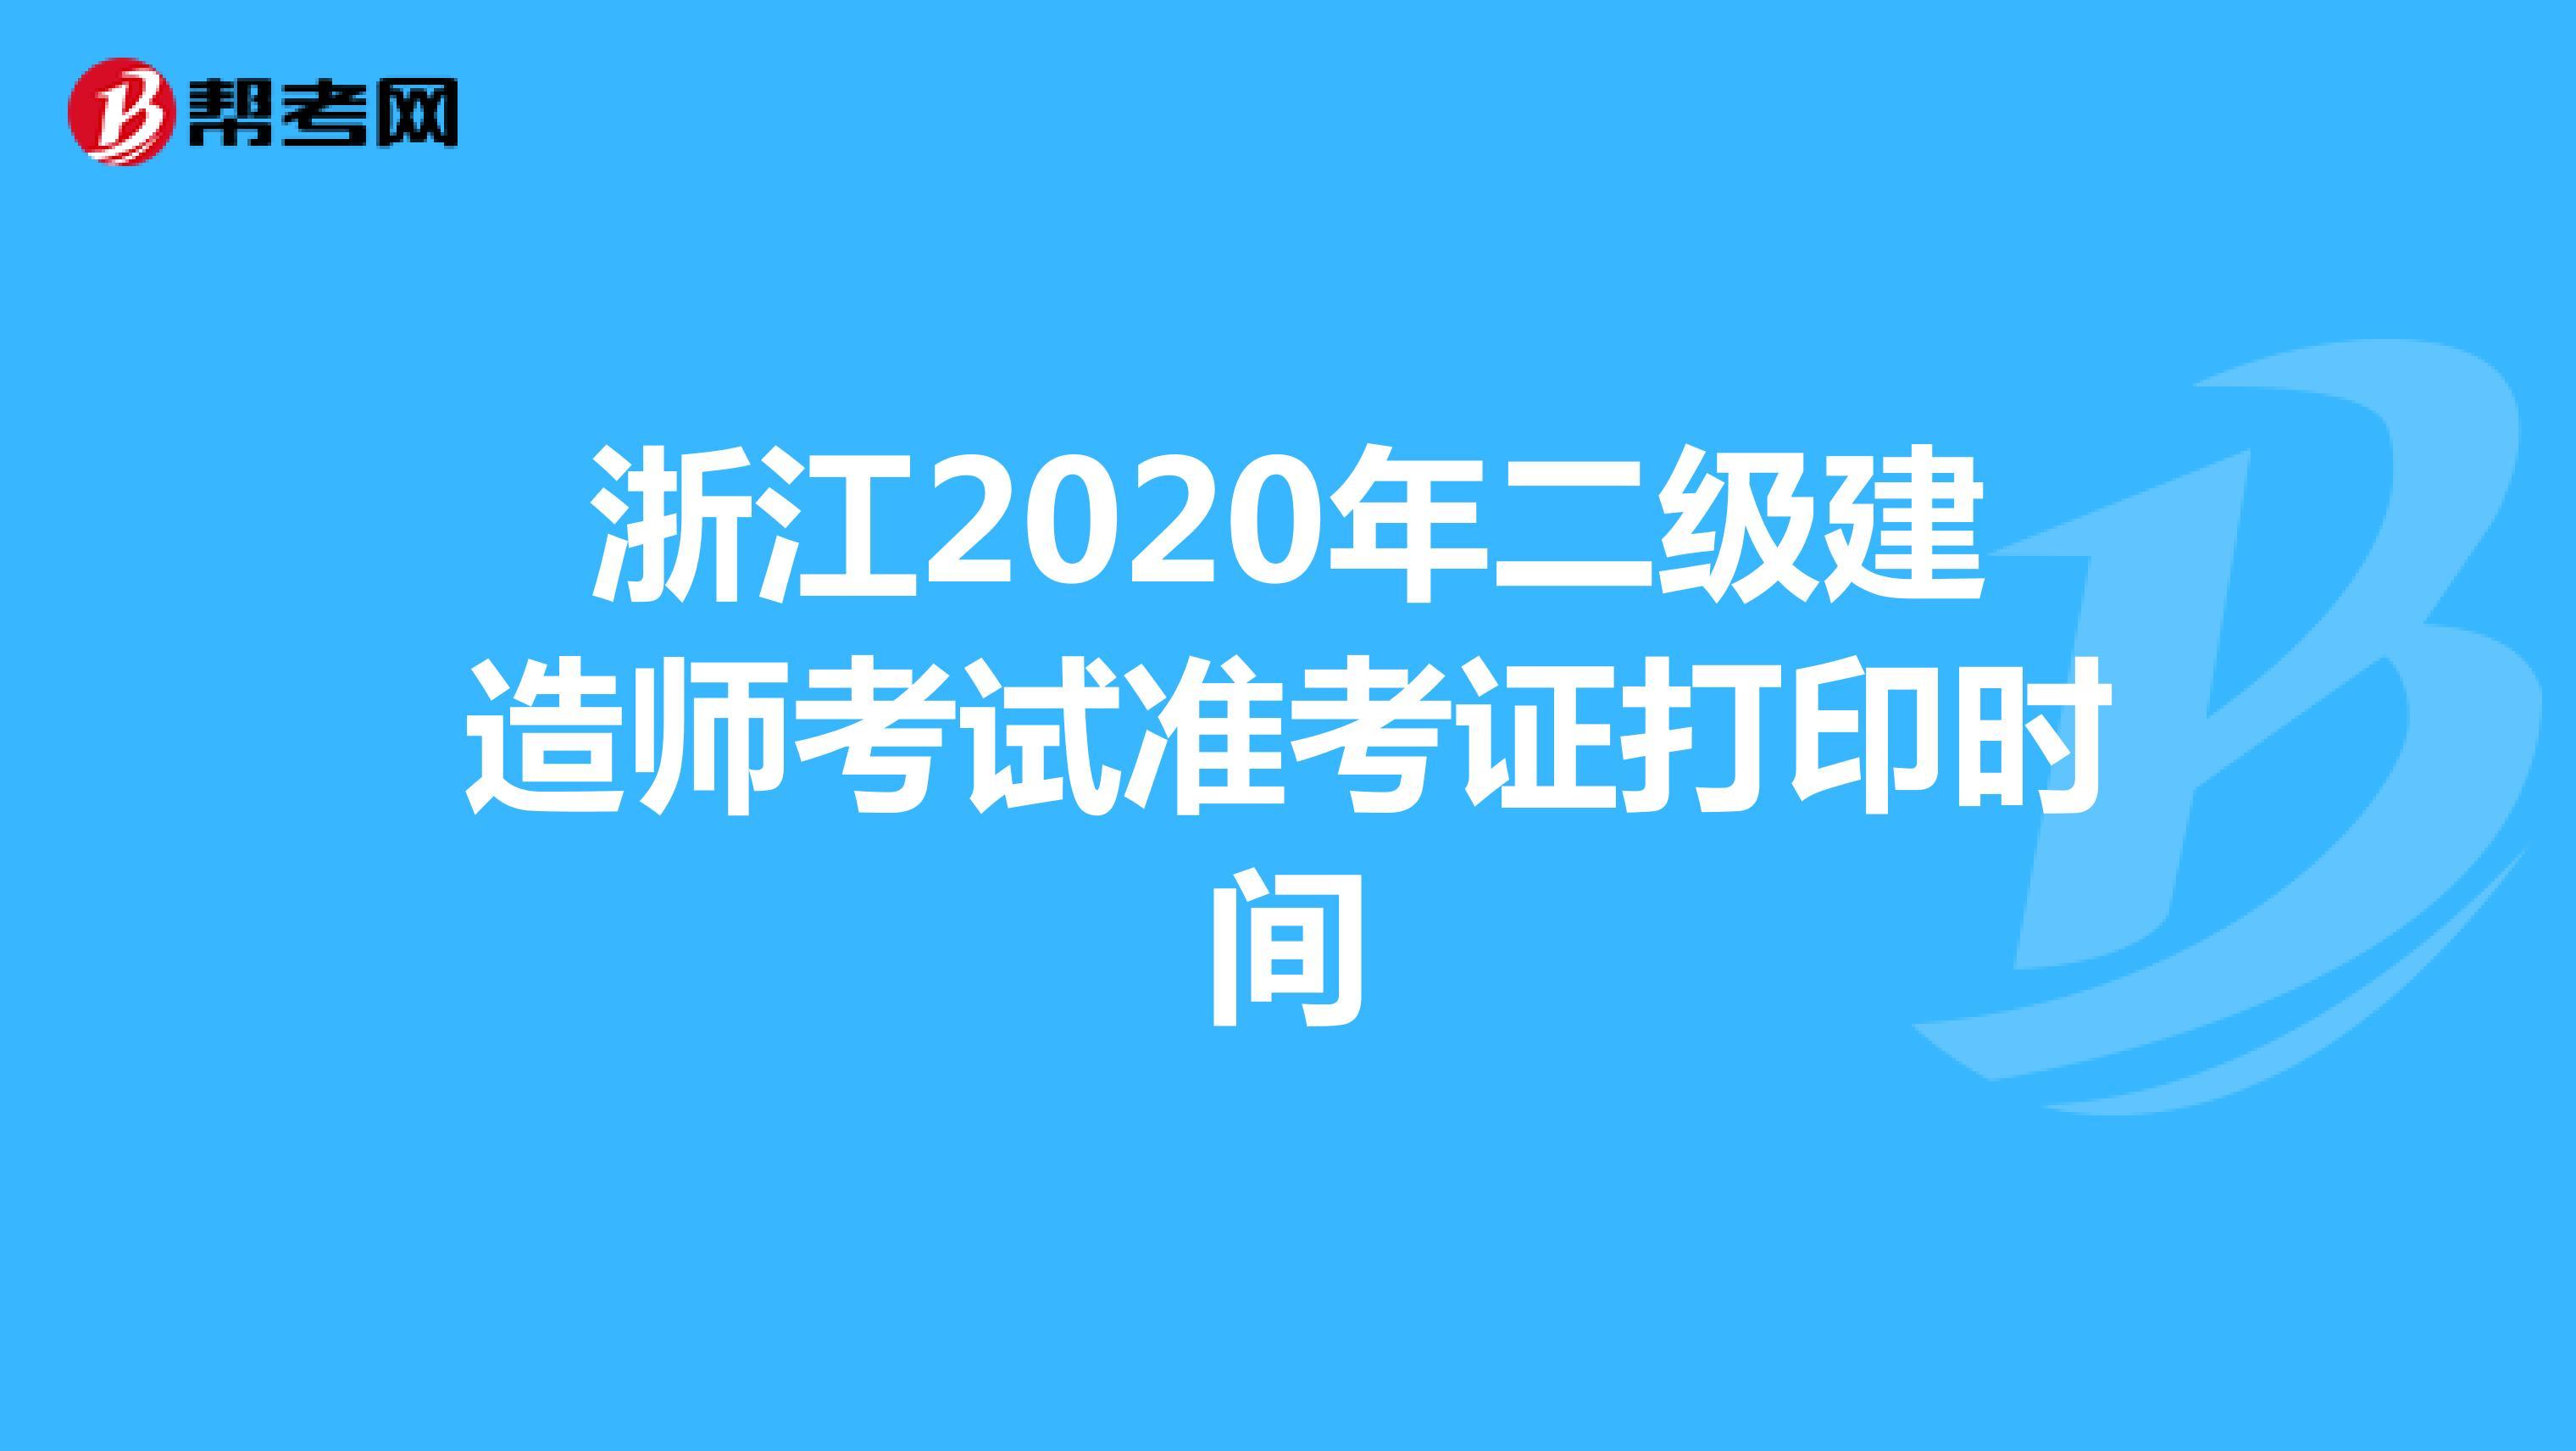 浙江2020年二級建造師考試準考證打印時間